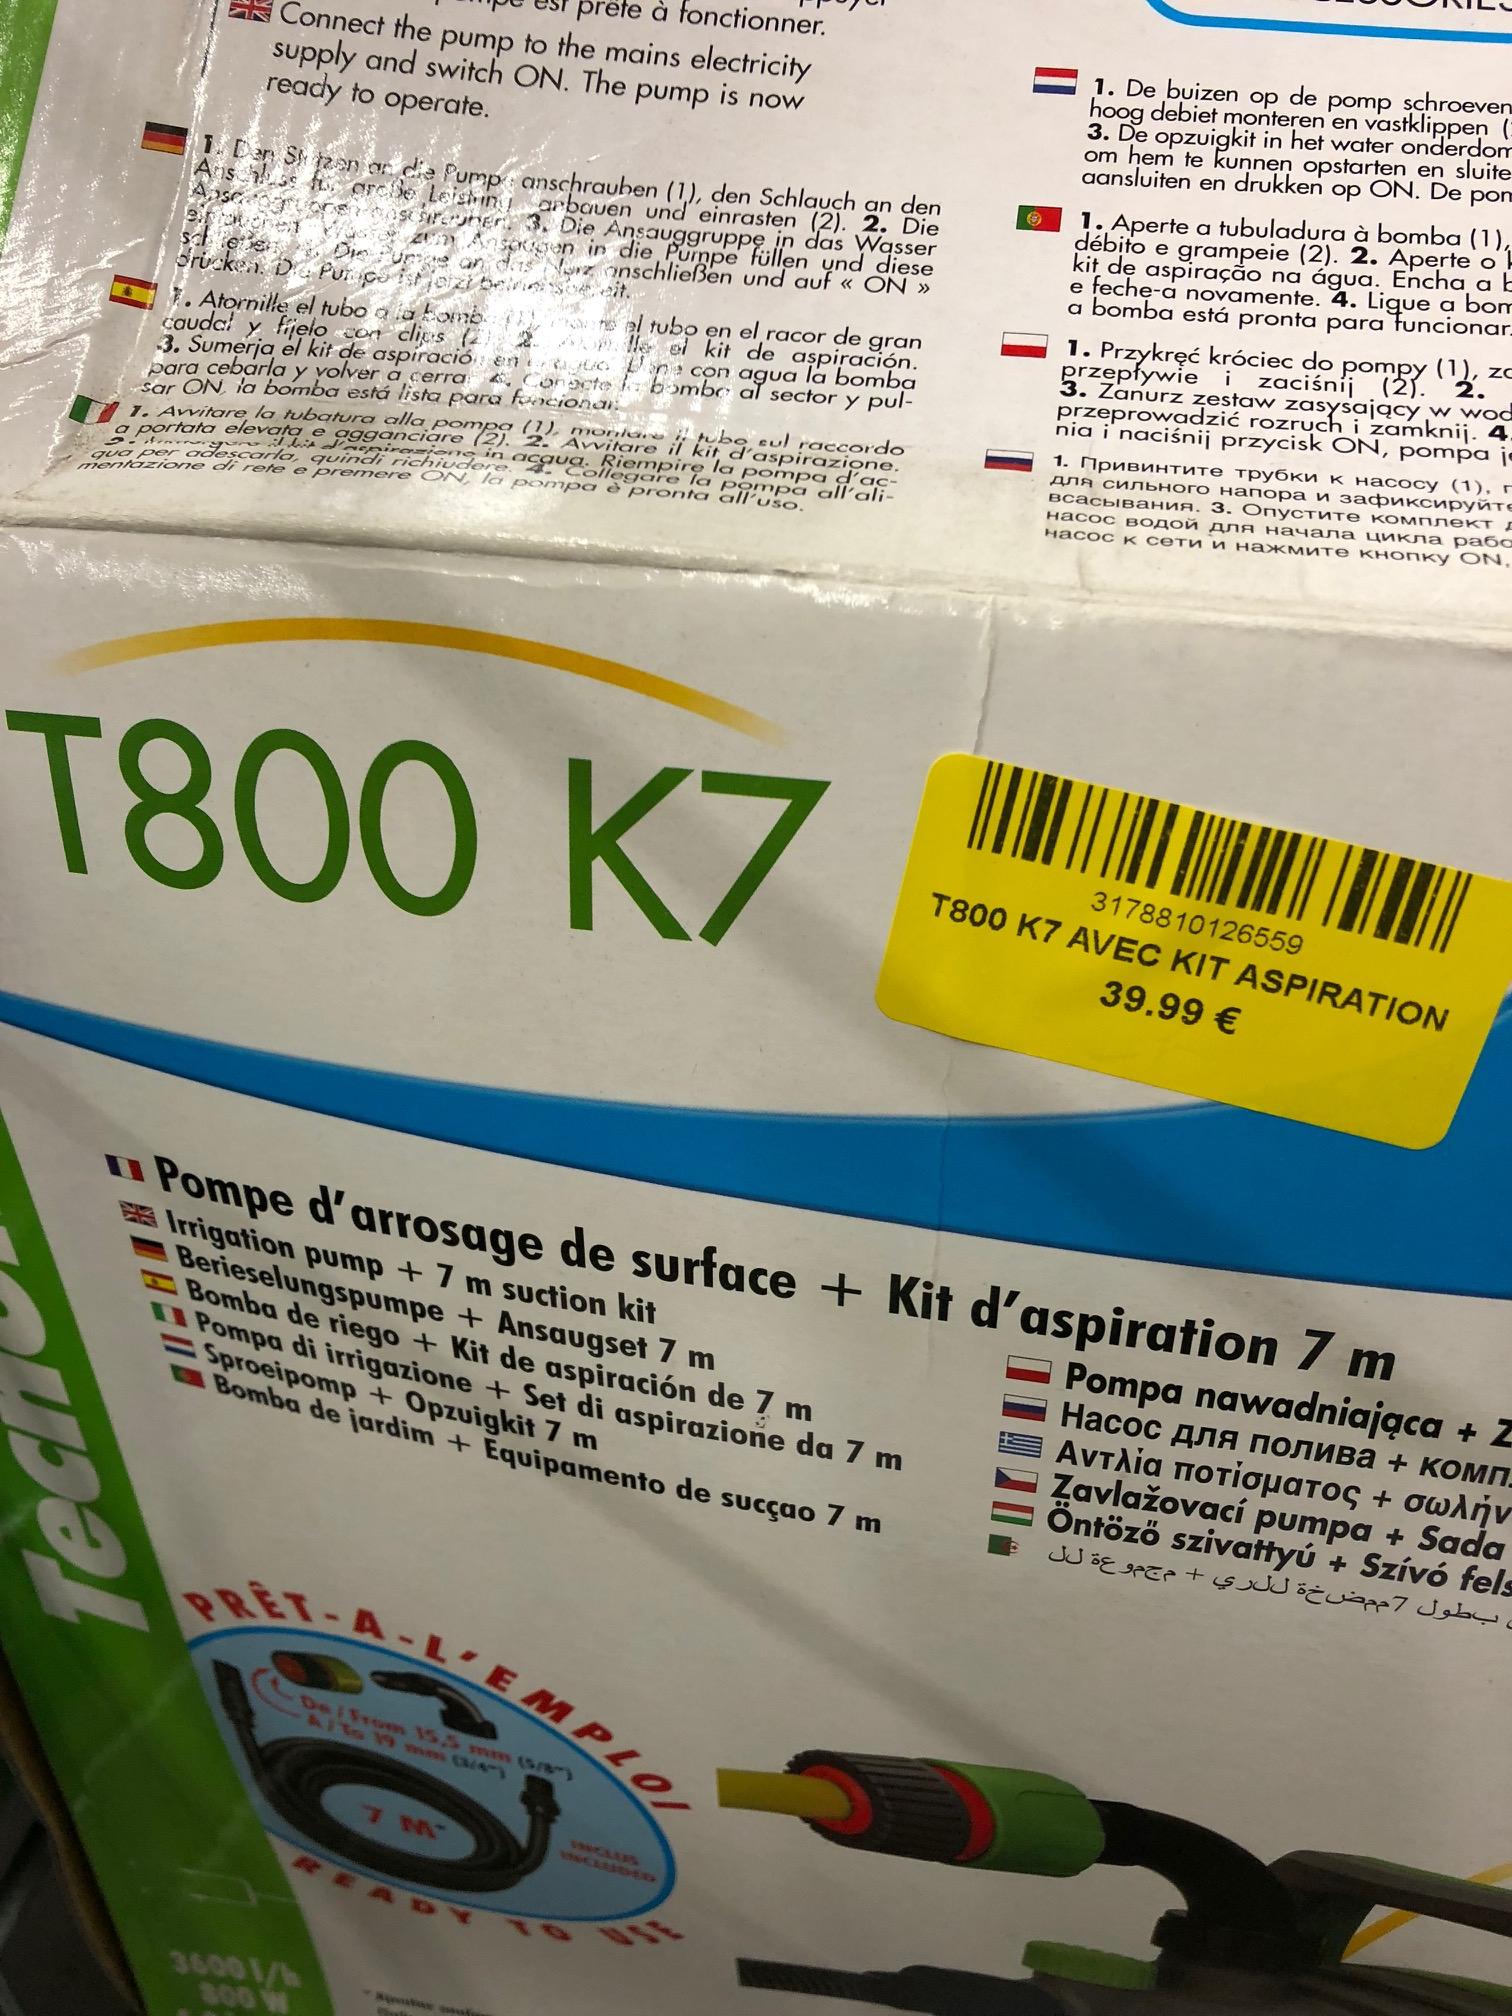 Pompe d'arrosage de Surface Technoma 12655 T800 K7 + Kit d'aspiration 7m - Maxplus Saint Alban (31)